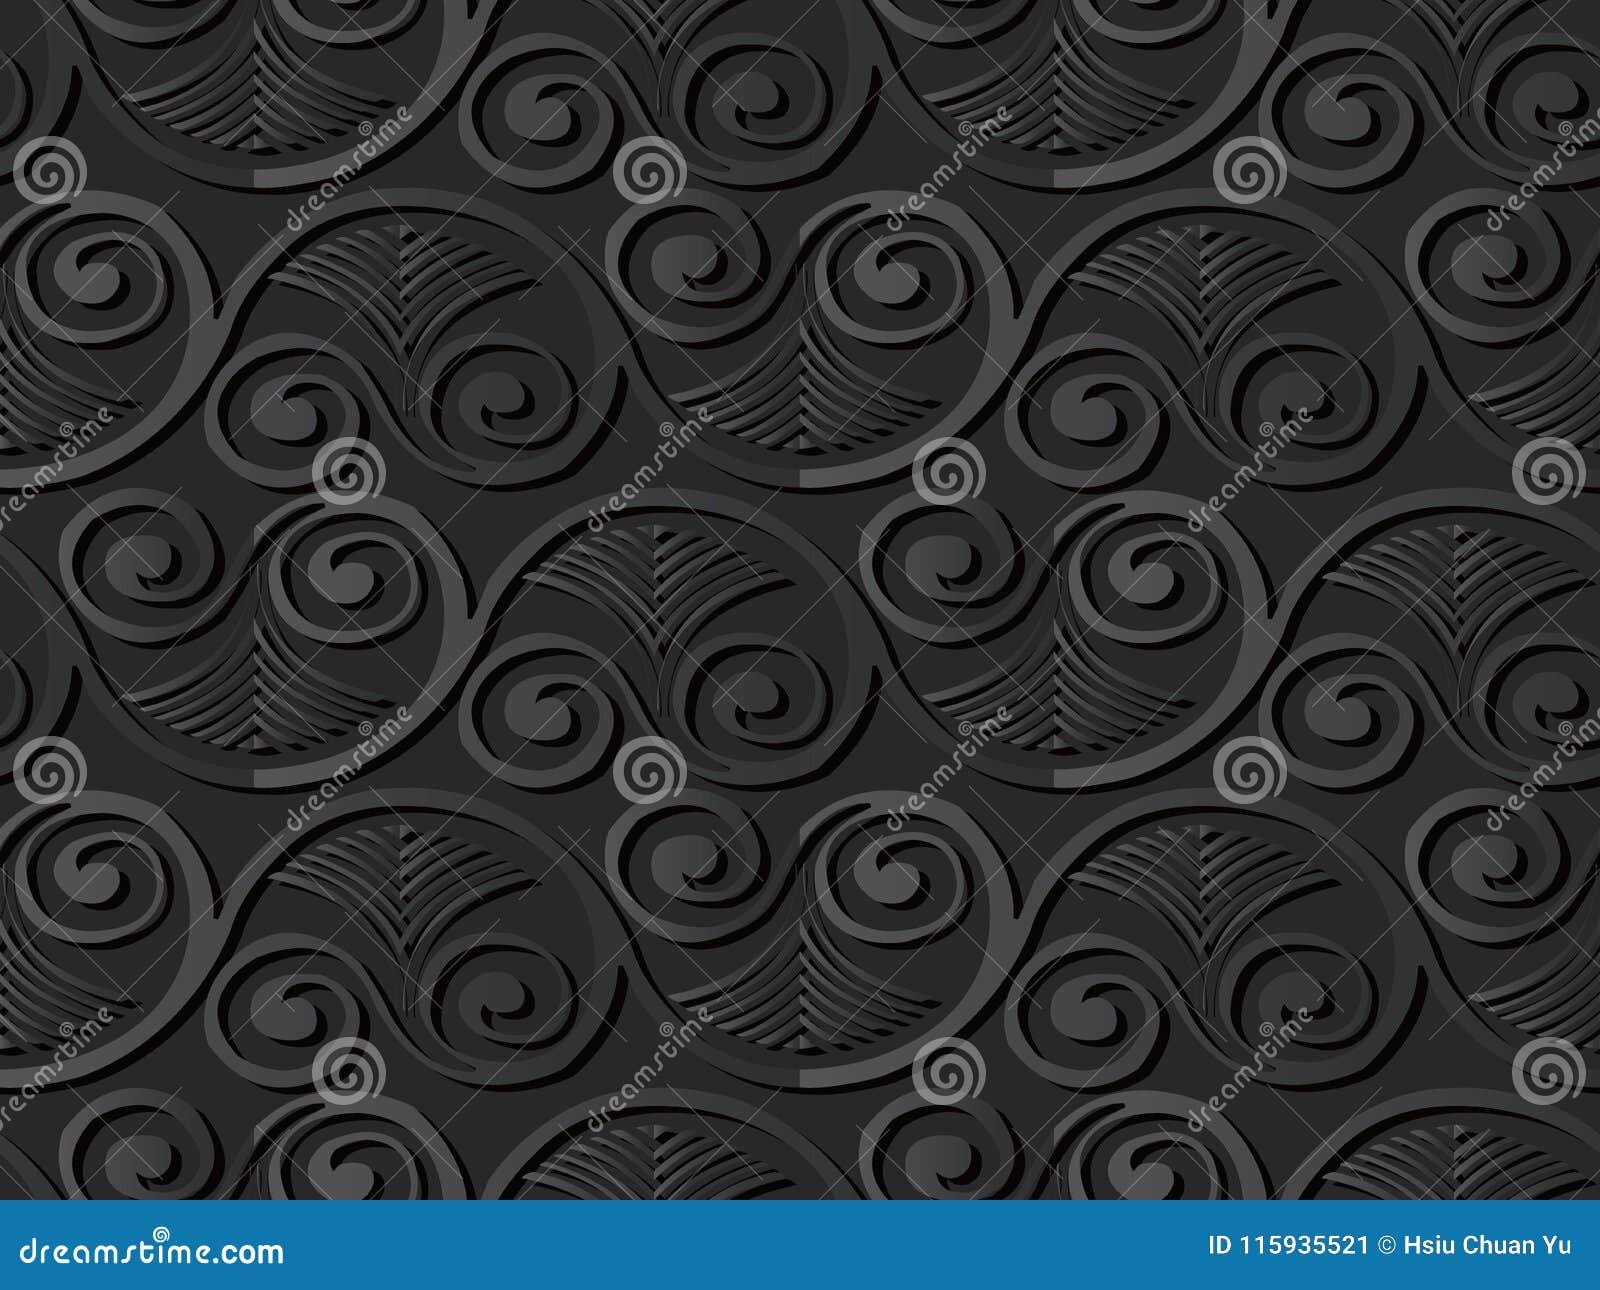 För papperskonst för mörker 3D vinranka för ram för blad för fan för virvel för spiral för kurva